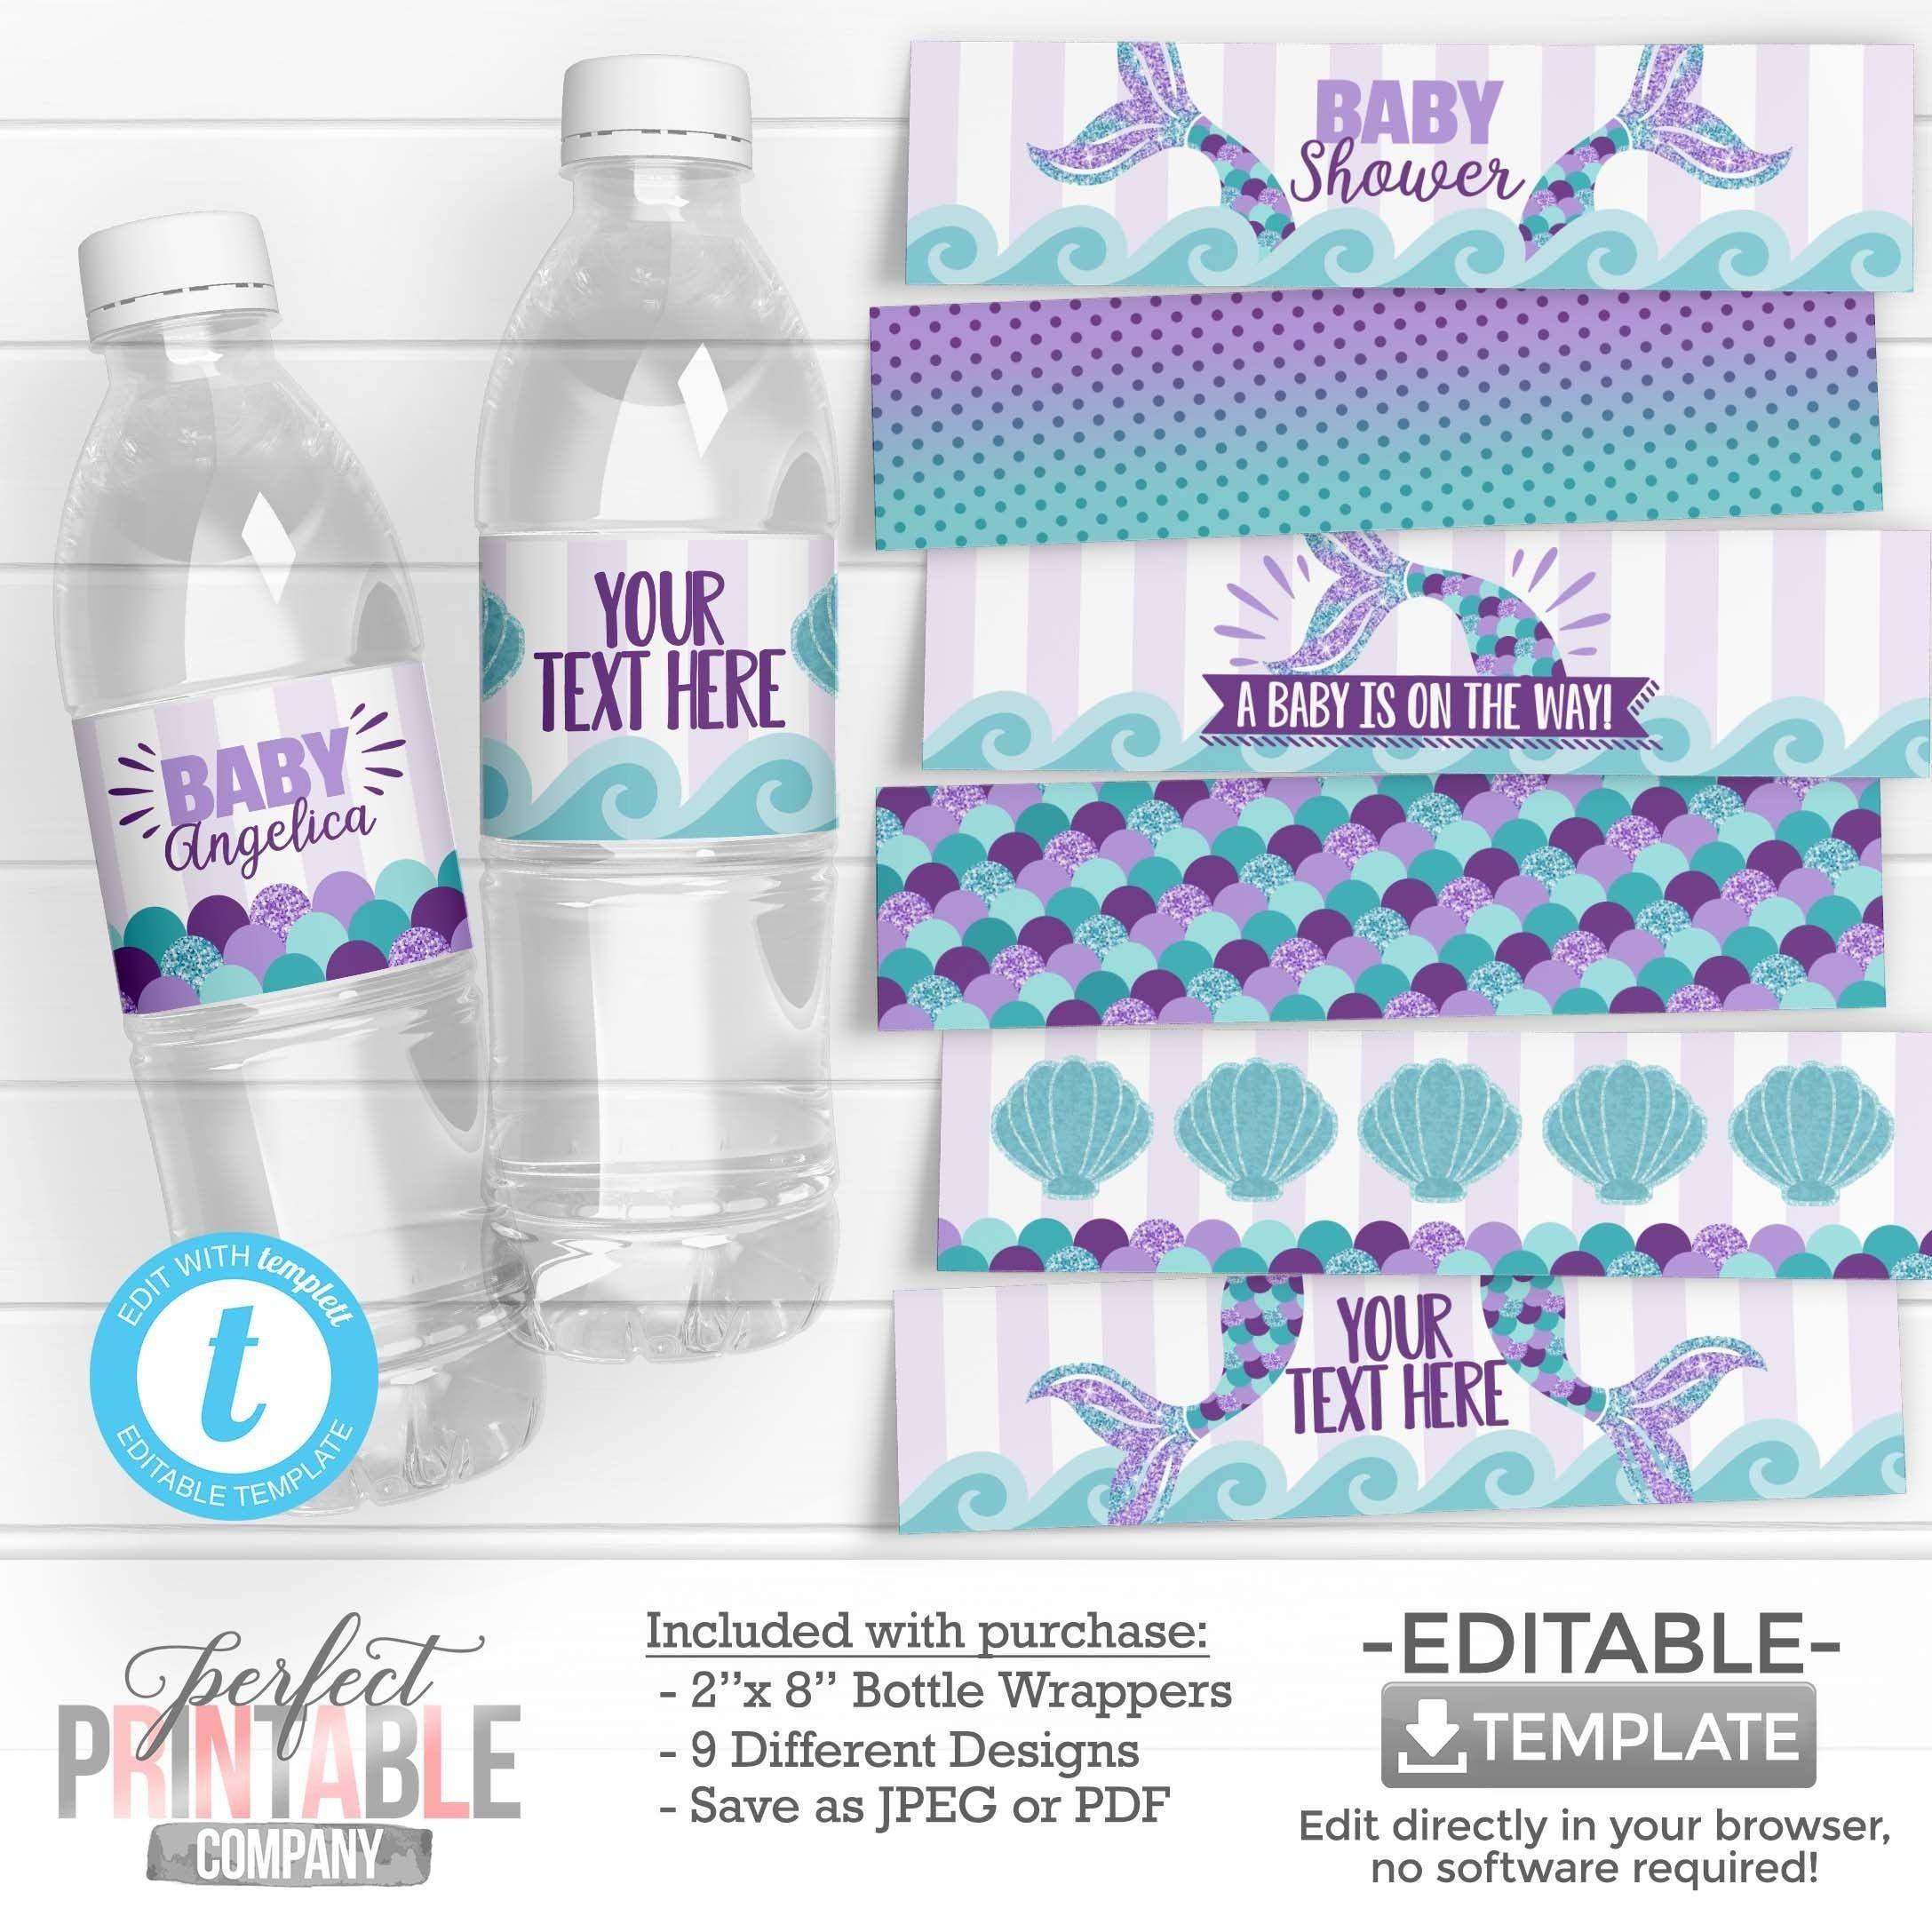 Mermaid Water Bottle Labels Mermaid Water Bottle Wrappers Etsy In 2020 Bottle Wrappers Mermaid Baby Shower Decorations Mermaid Water Bottle